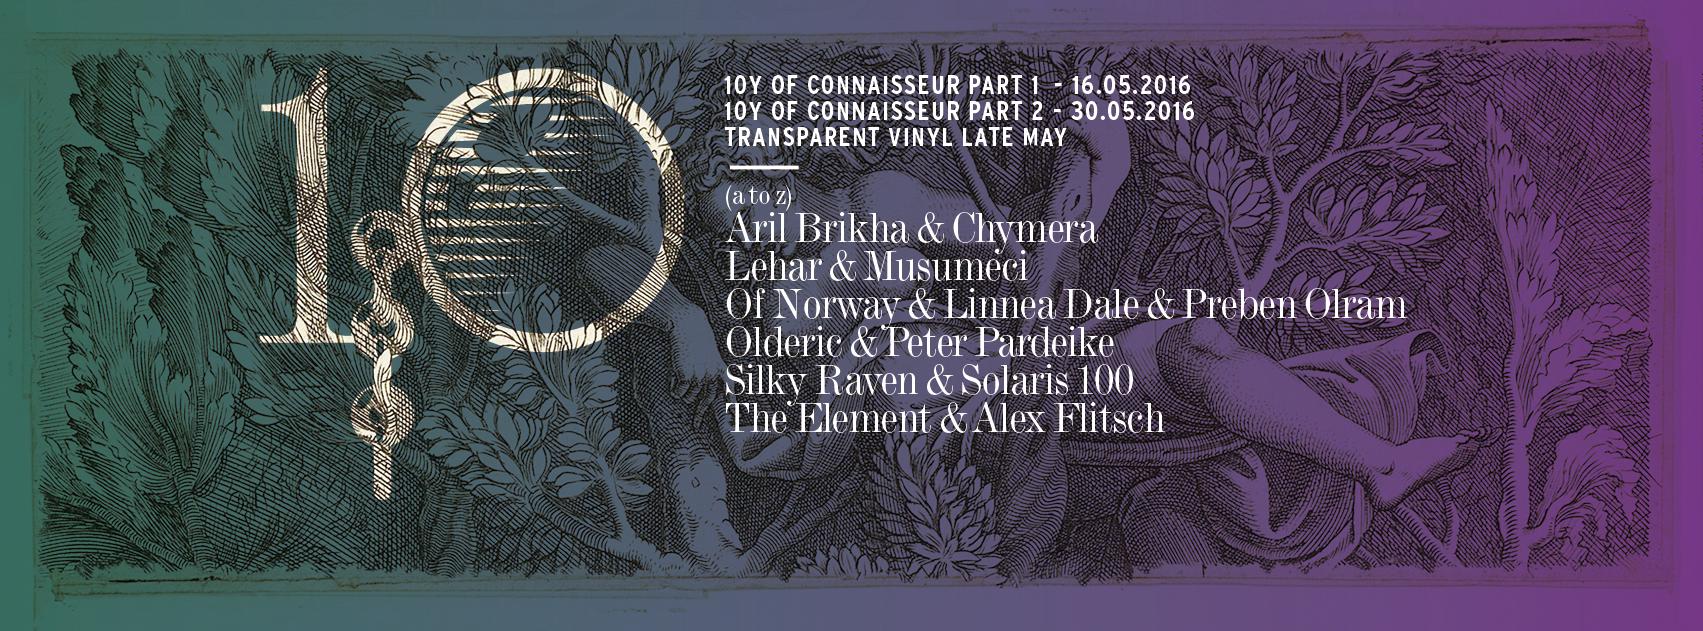 V.A. – 10y of Connaisseur Pt. 1 & 2 (Connaisseur)